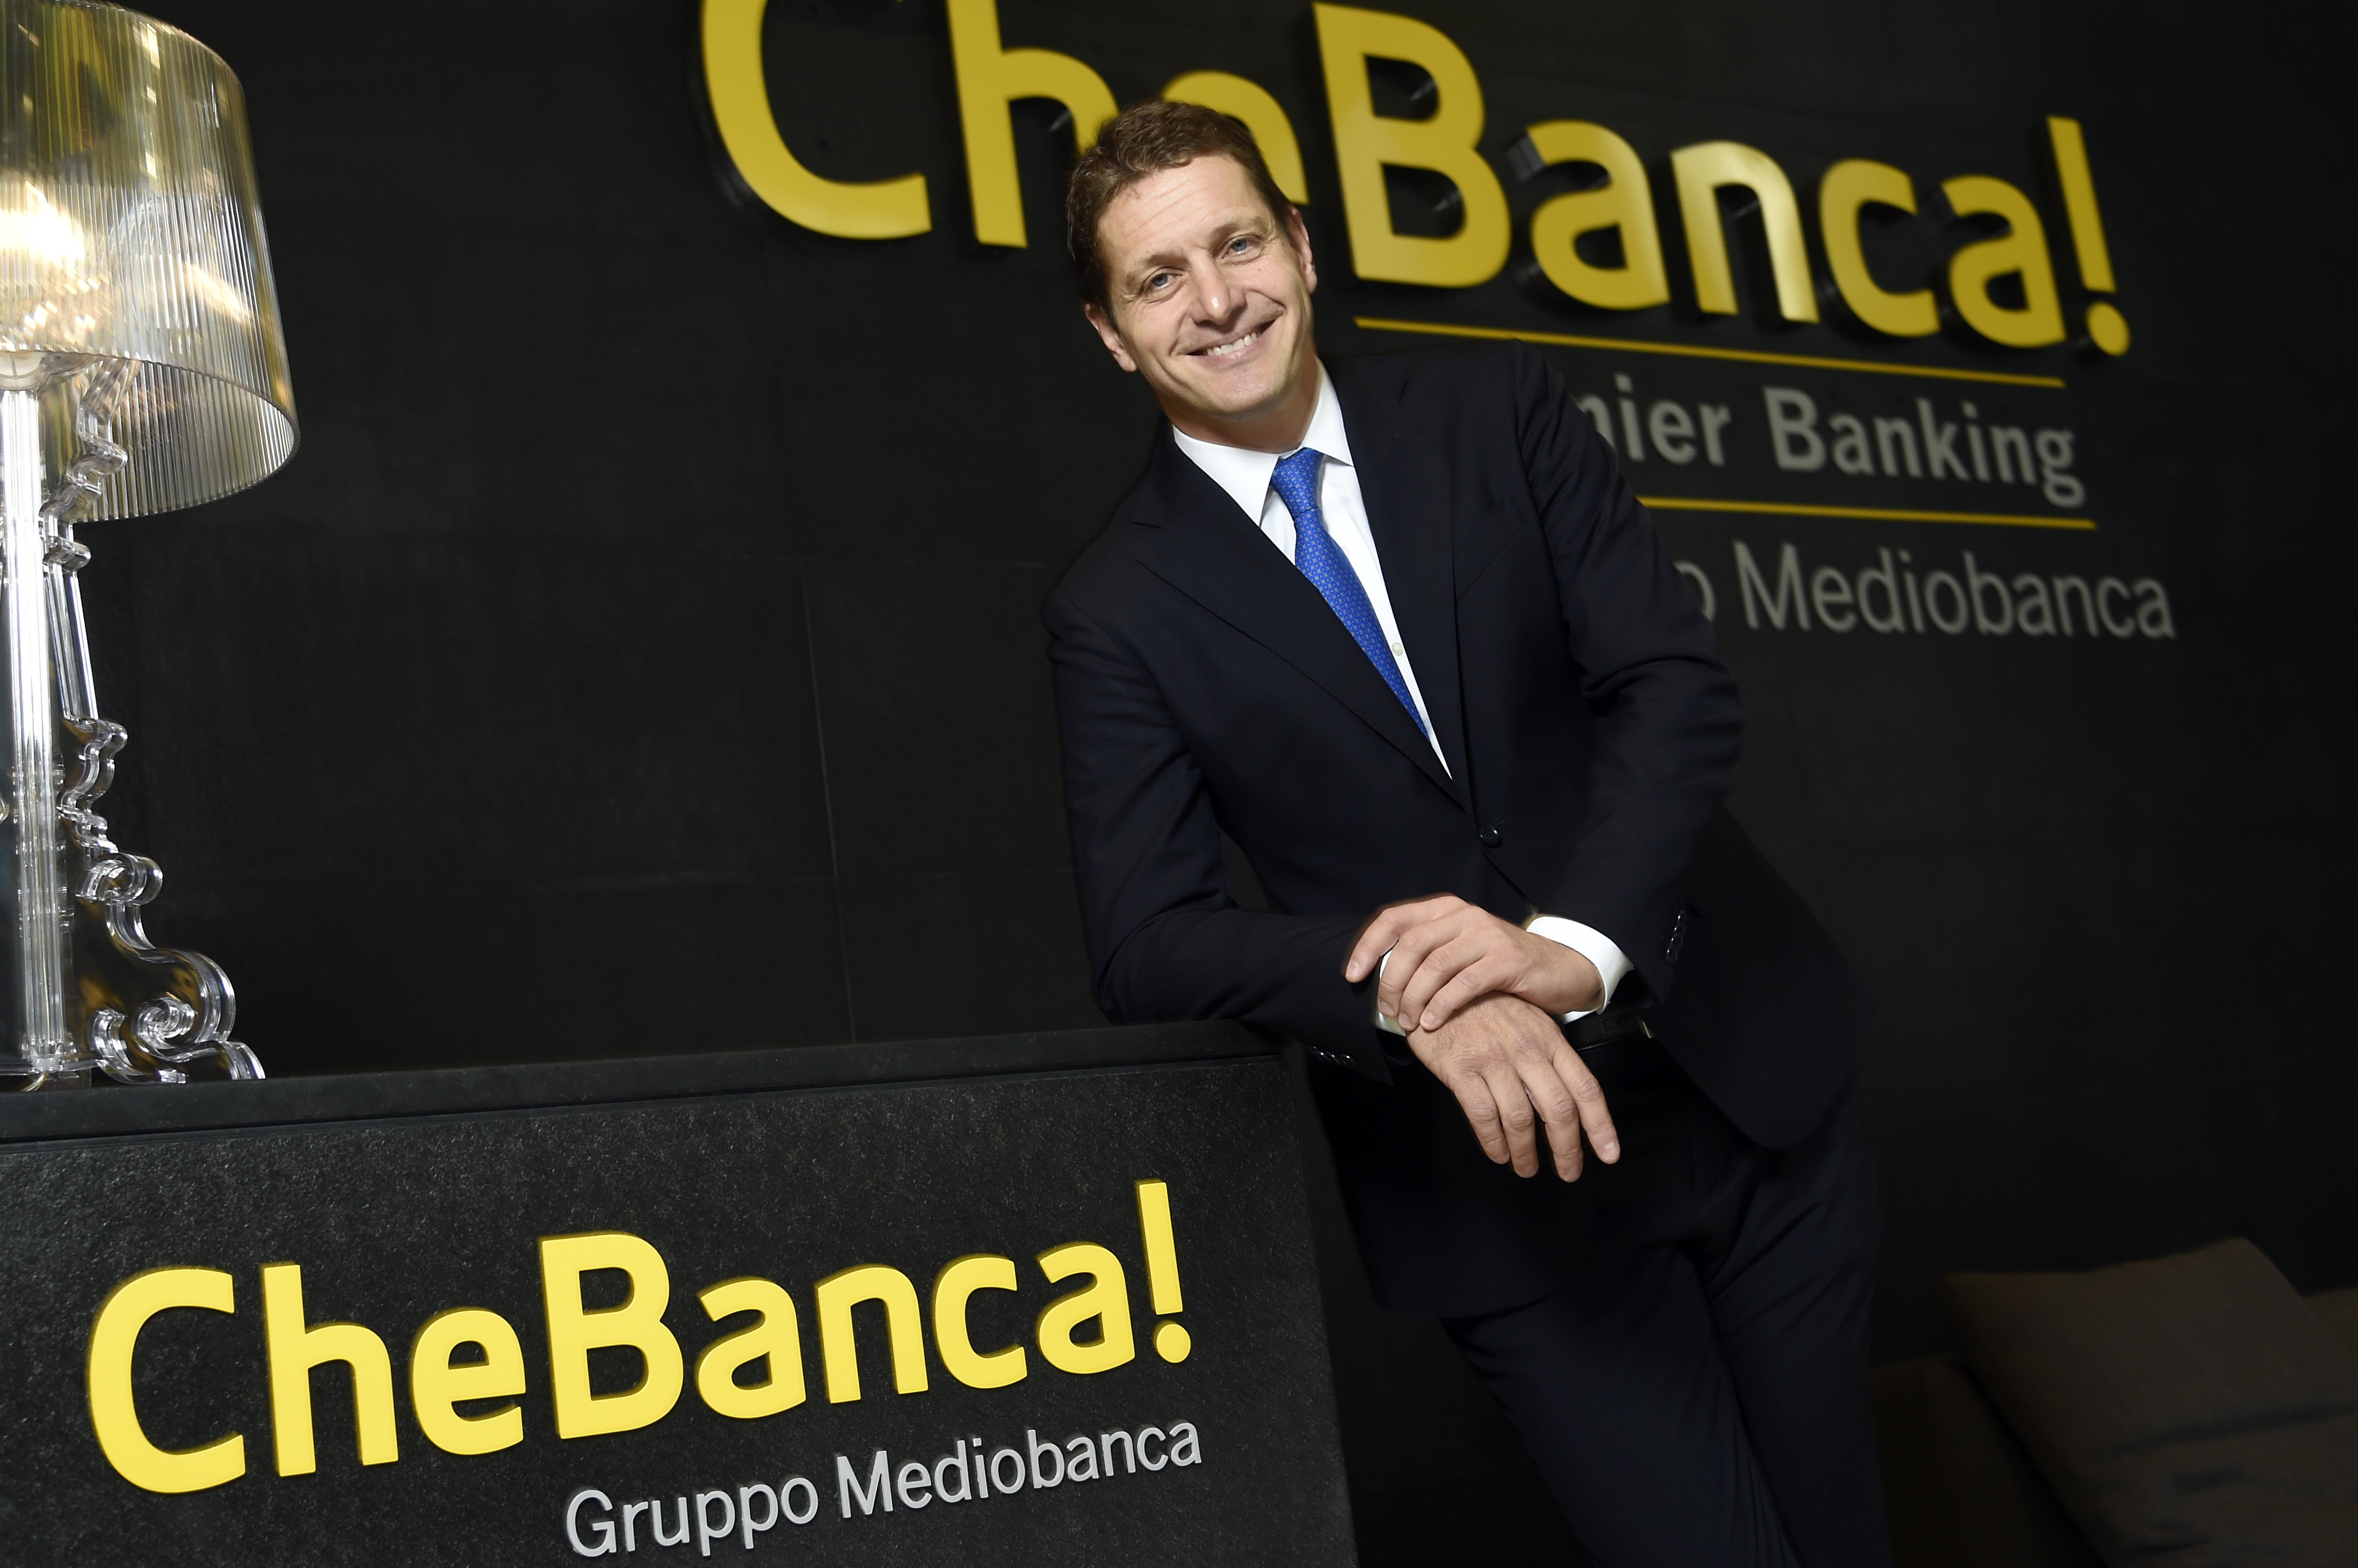 CheBanca! prosegue la campagna acquisti e sale a 280 consulenti